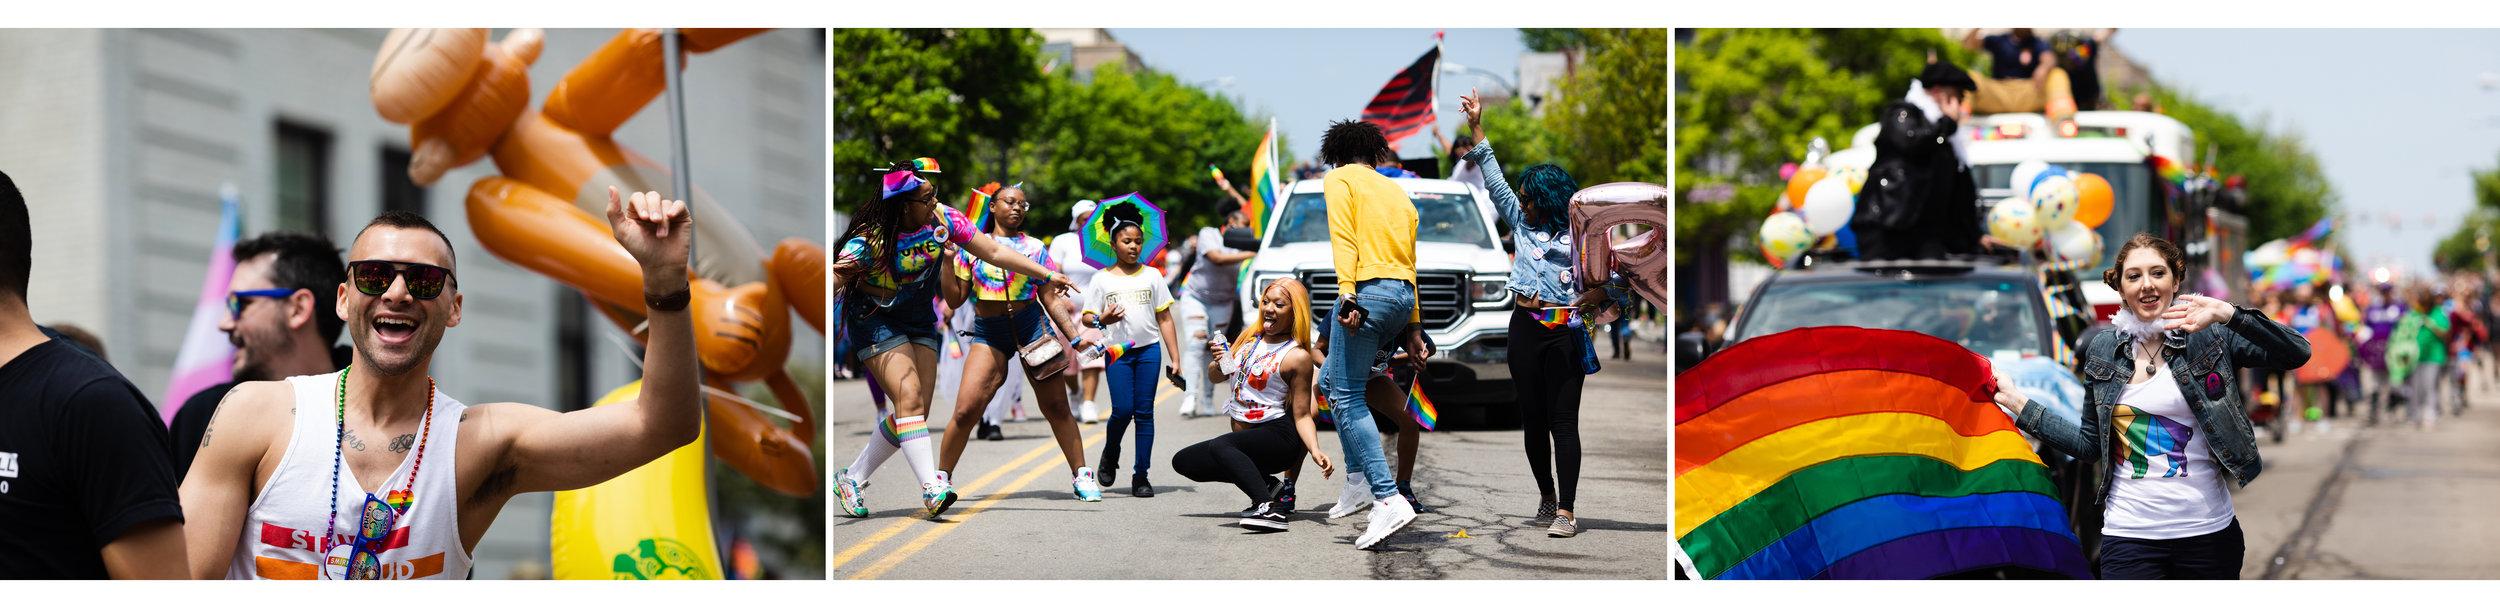 pride_2019_blog_11.jpg